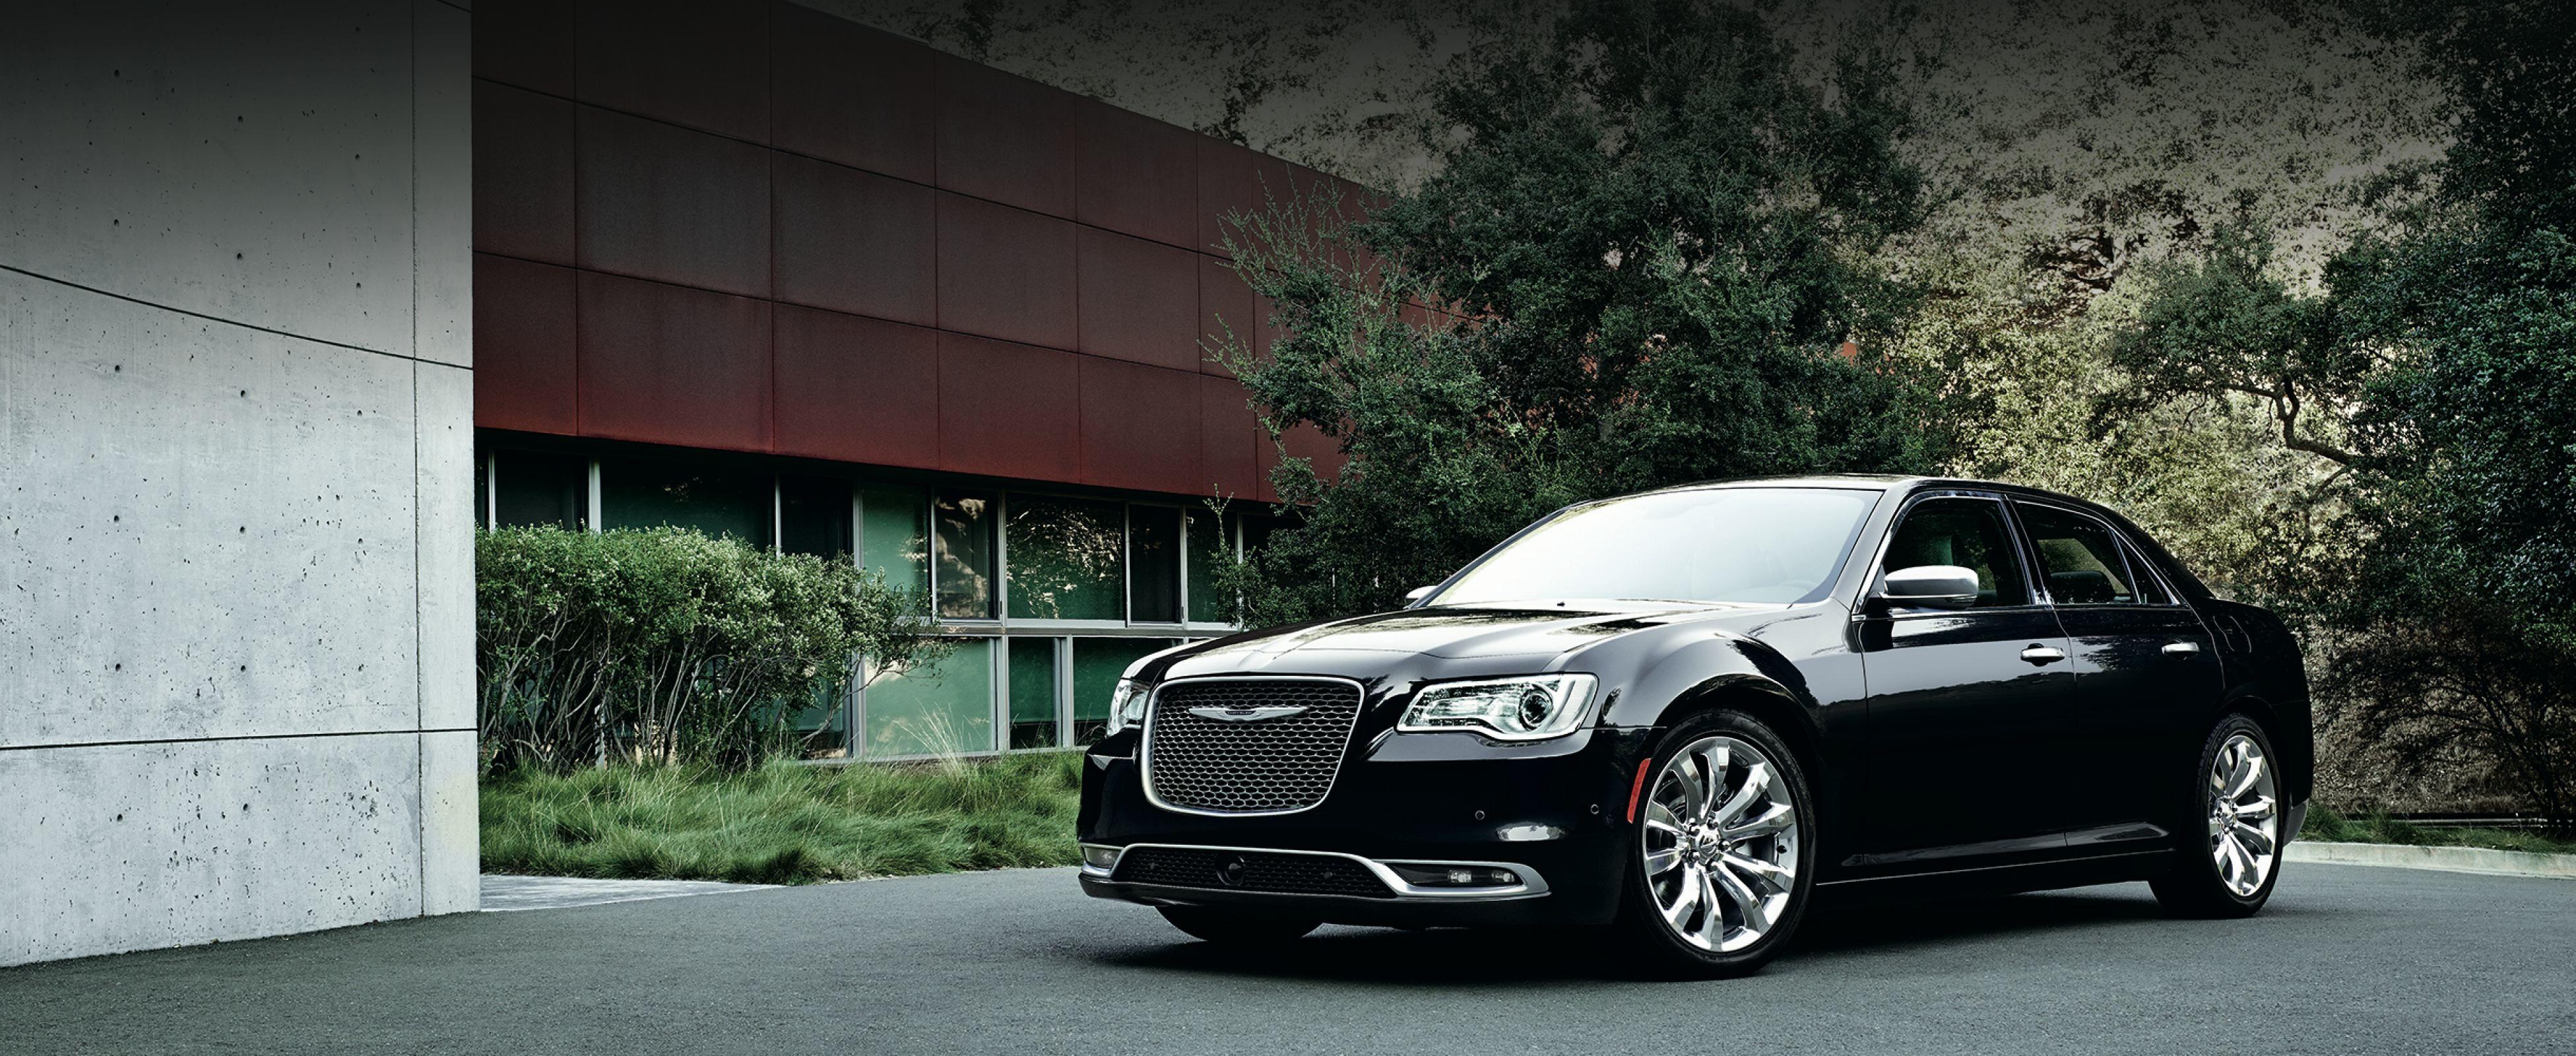 Luxury Car Rental Dallas Texas Your Best Travel Partner Luxury Car Rental Car Rental Dallas Luxury